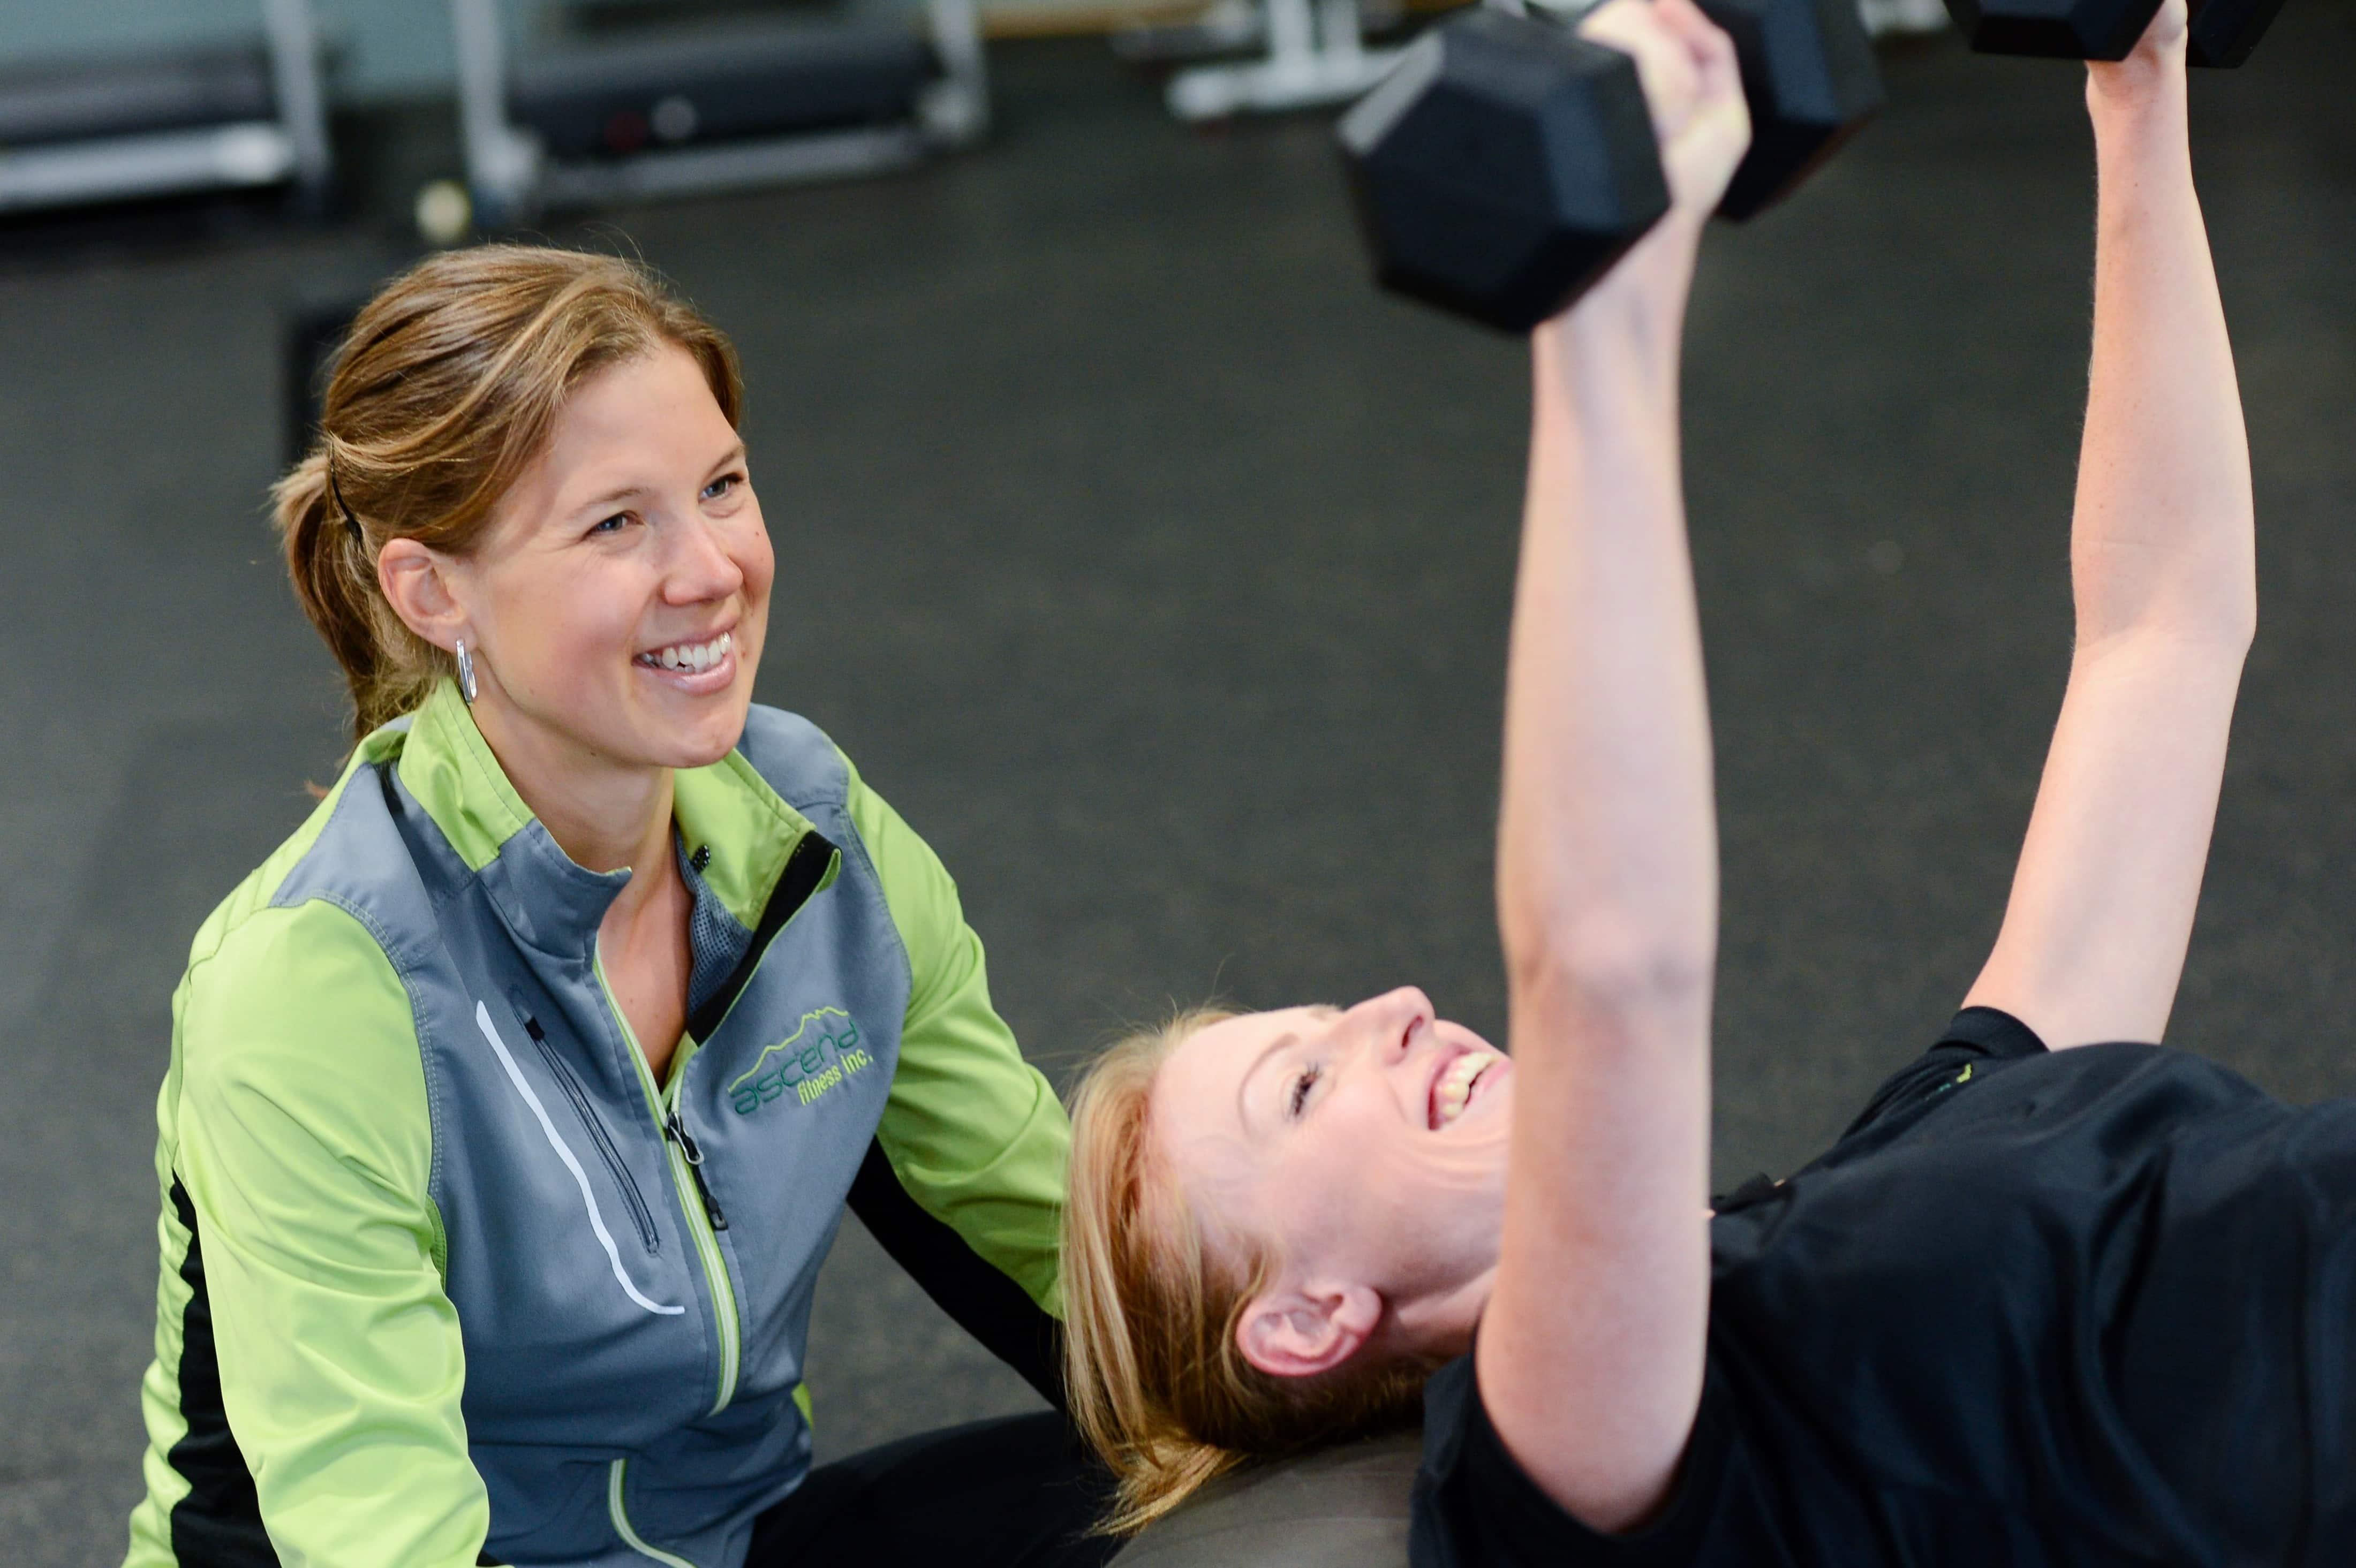 Imagen gratis: cuerpo, ejercicio, gimnasio, Guapa, mujeres, pesa de gimnasia, peso, hombre